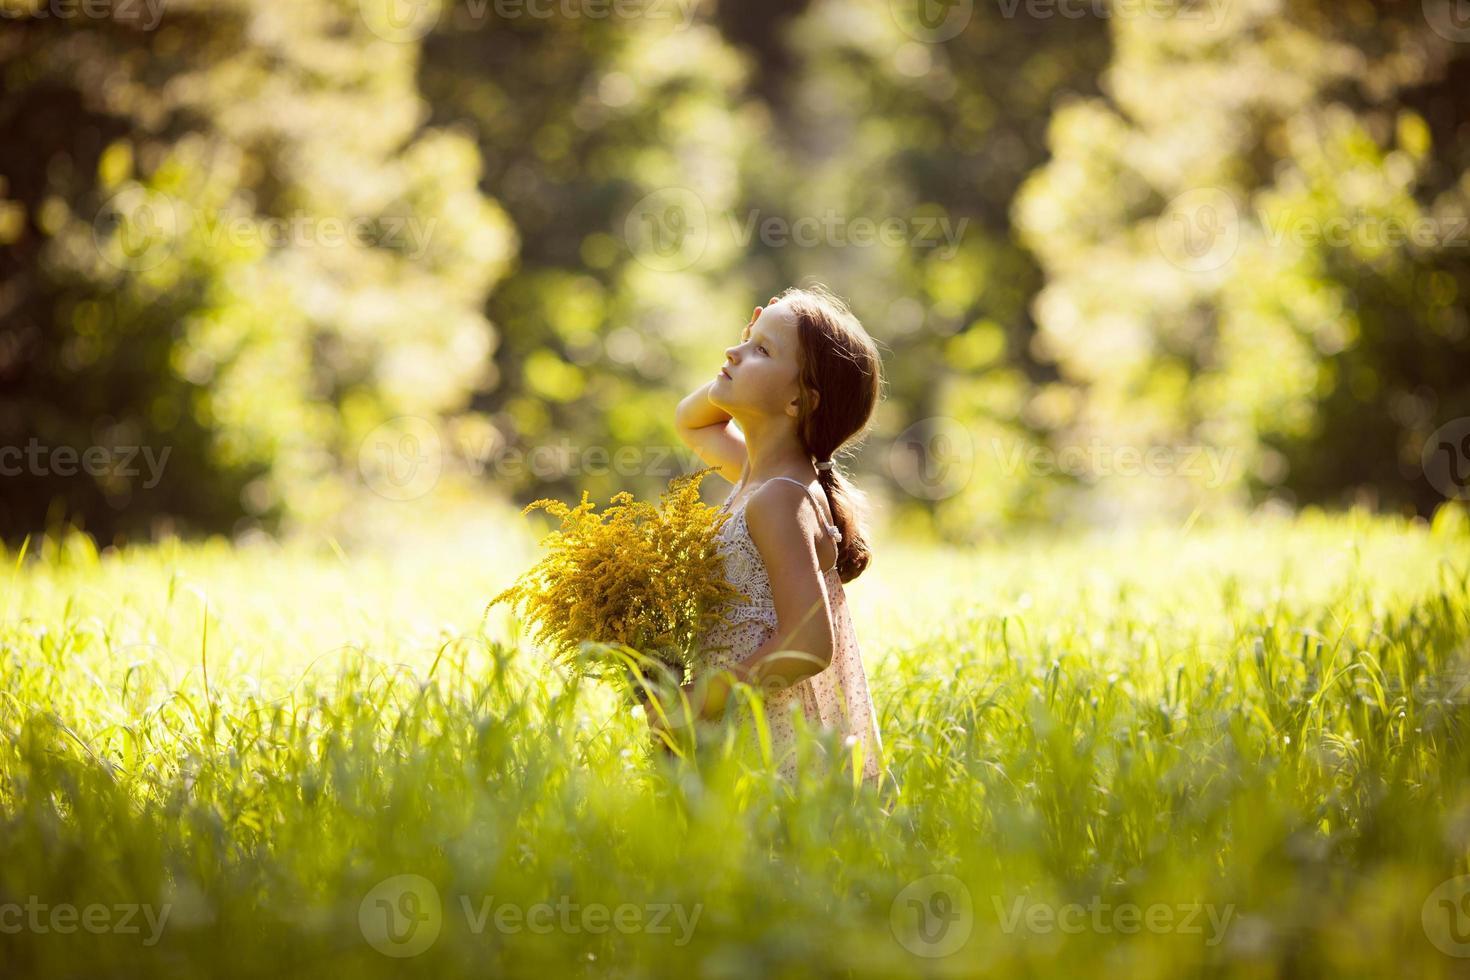 bambina in piedi con un mazzo di fiori gialli foto